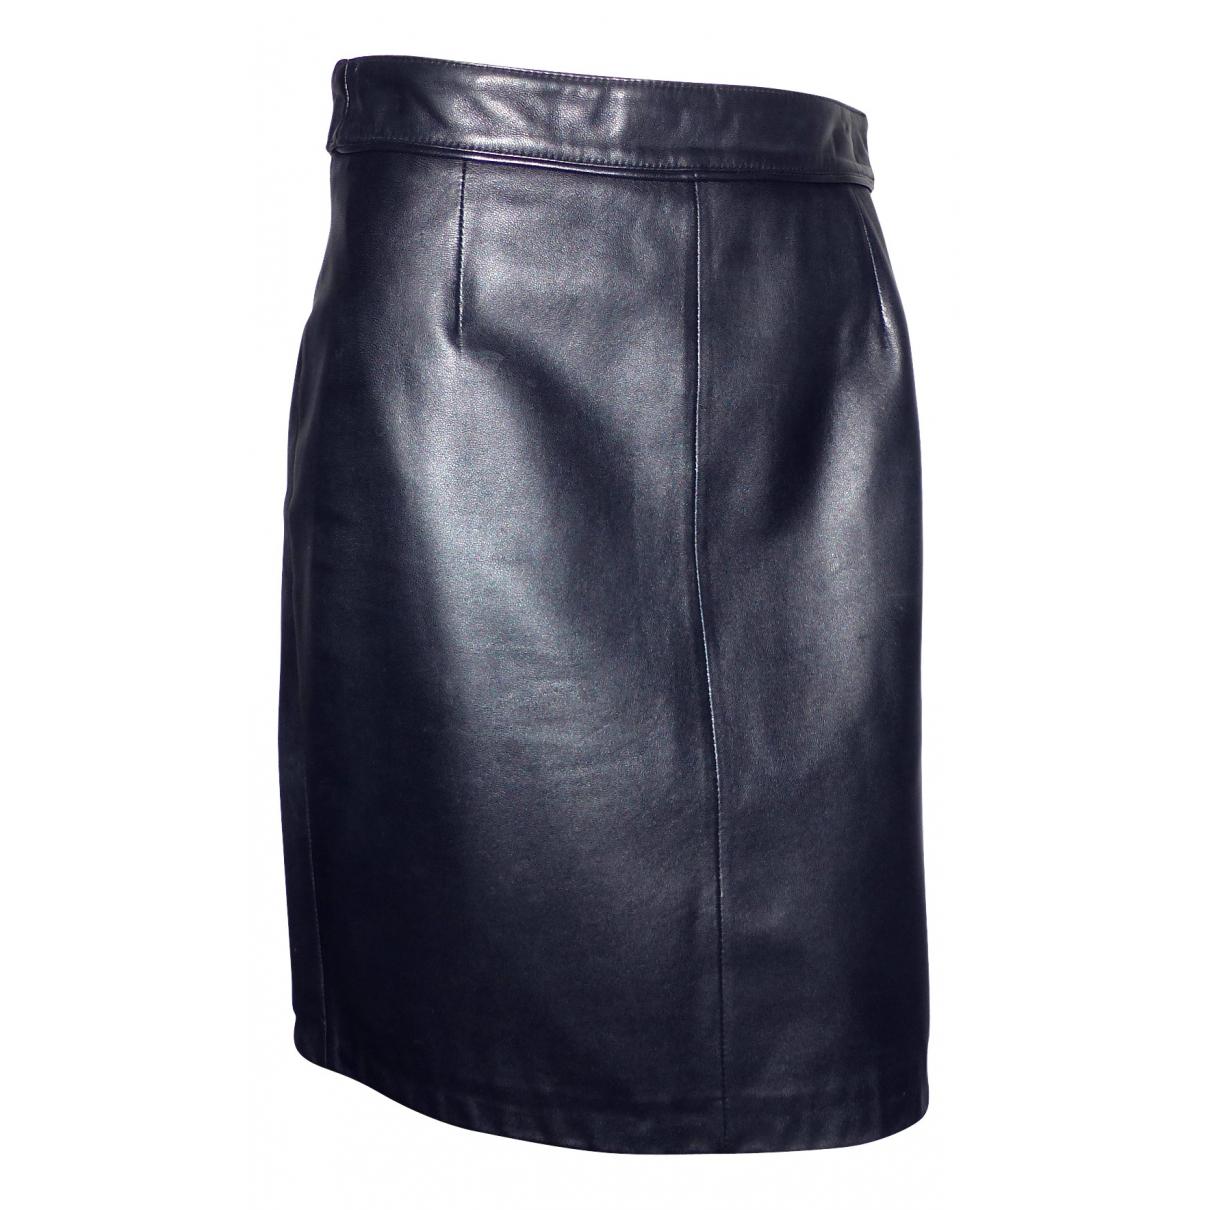 Zapa - Jupe   pour femme en cuir - noir